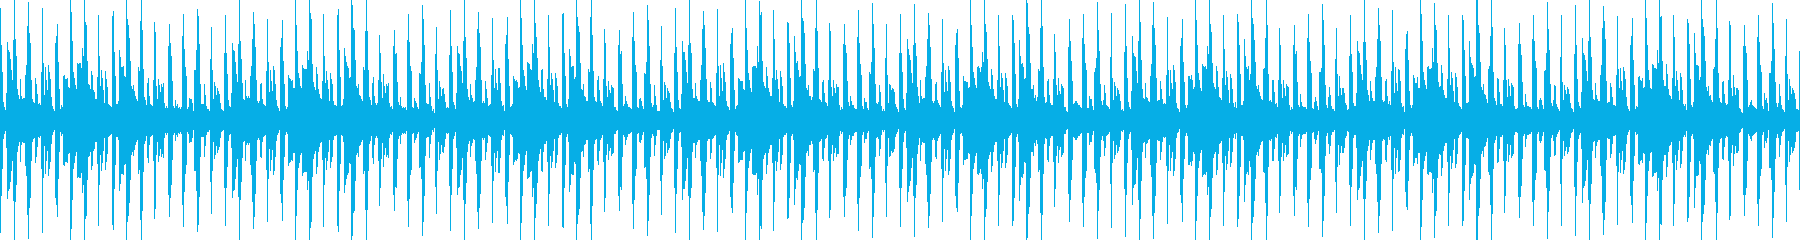 おしゃれでゆるいジャズの再生済みの波形